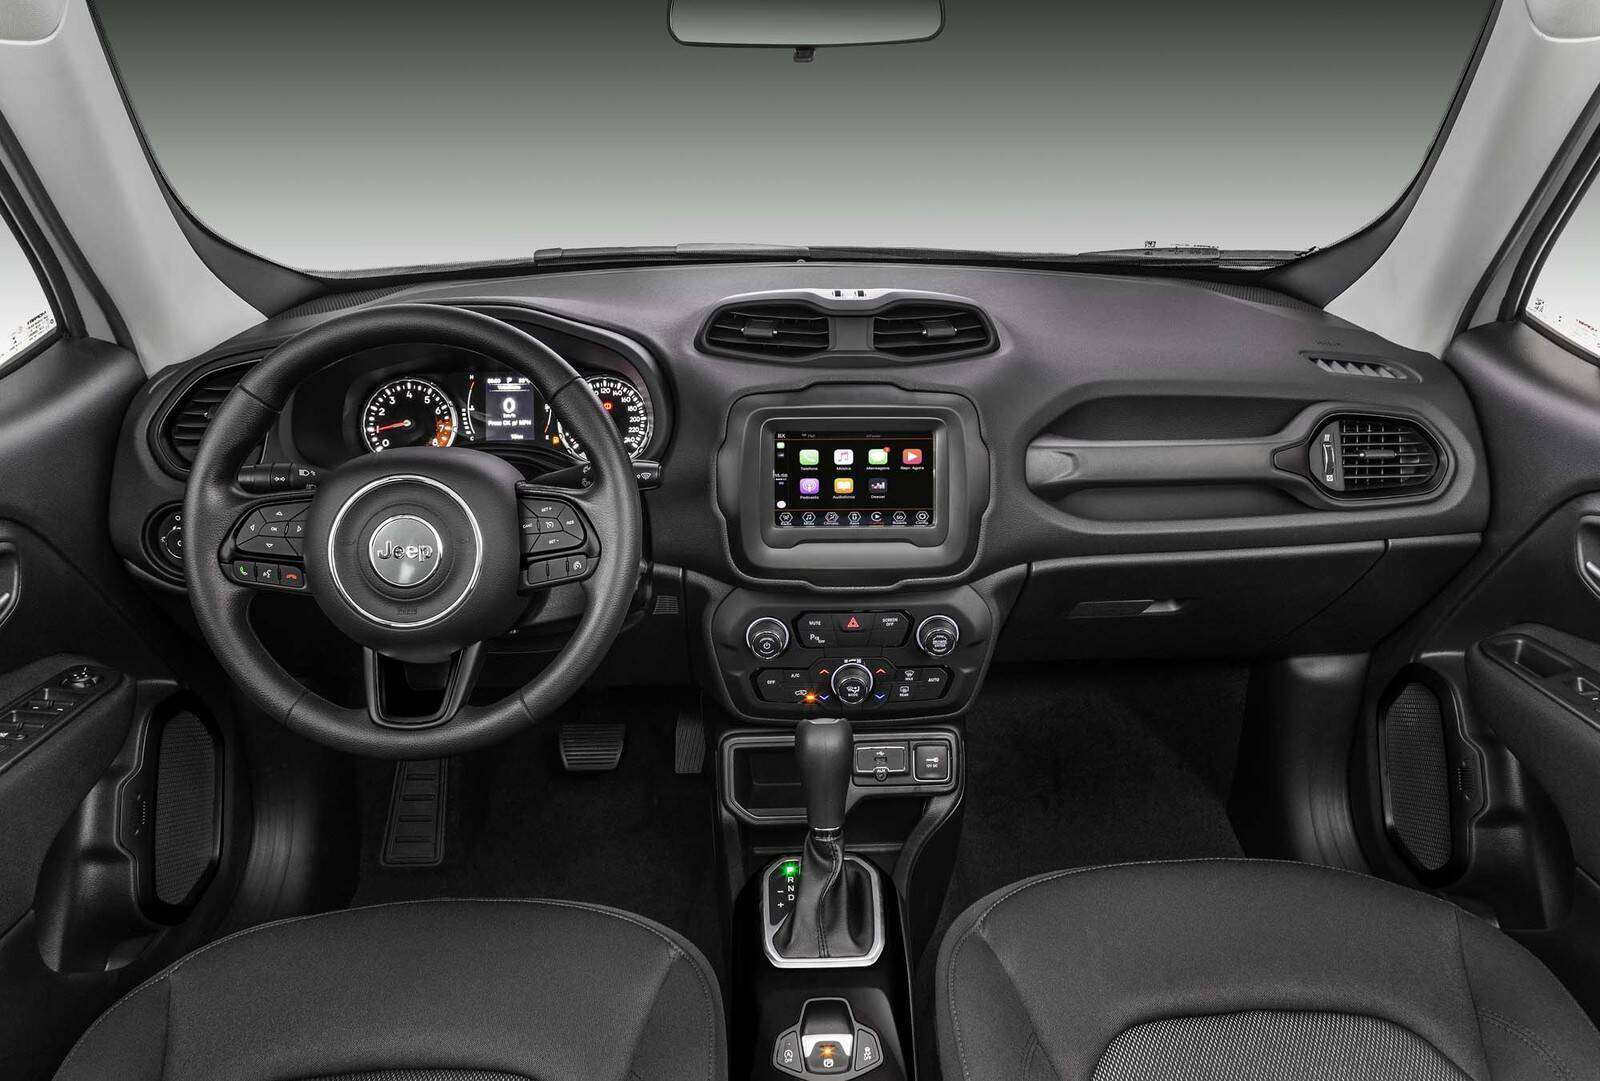 Jeep Renegade 2020. Foto: Divulgação